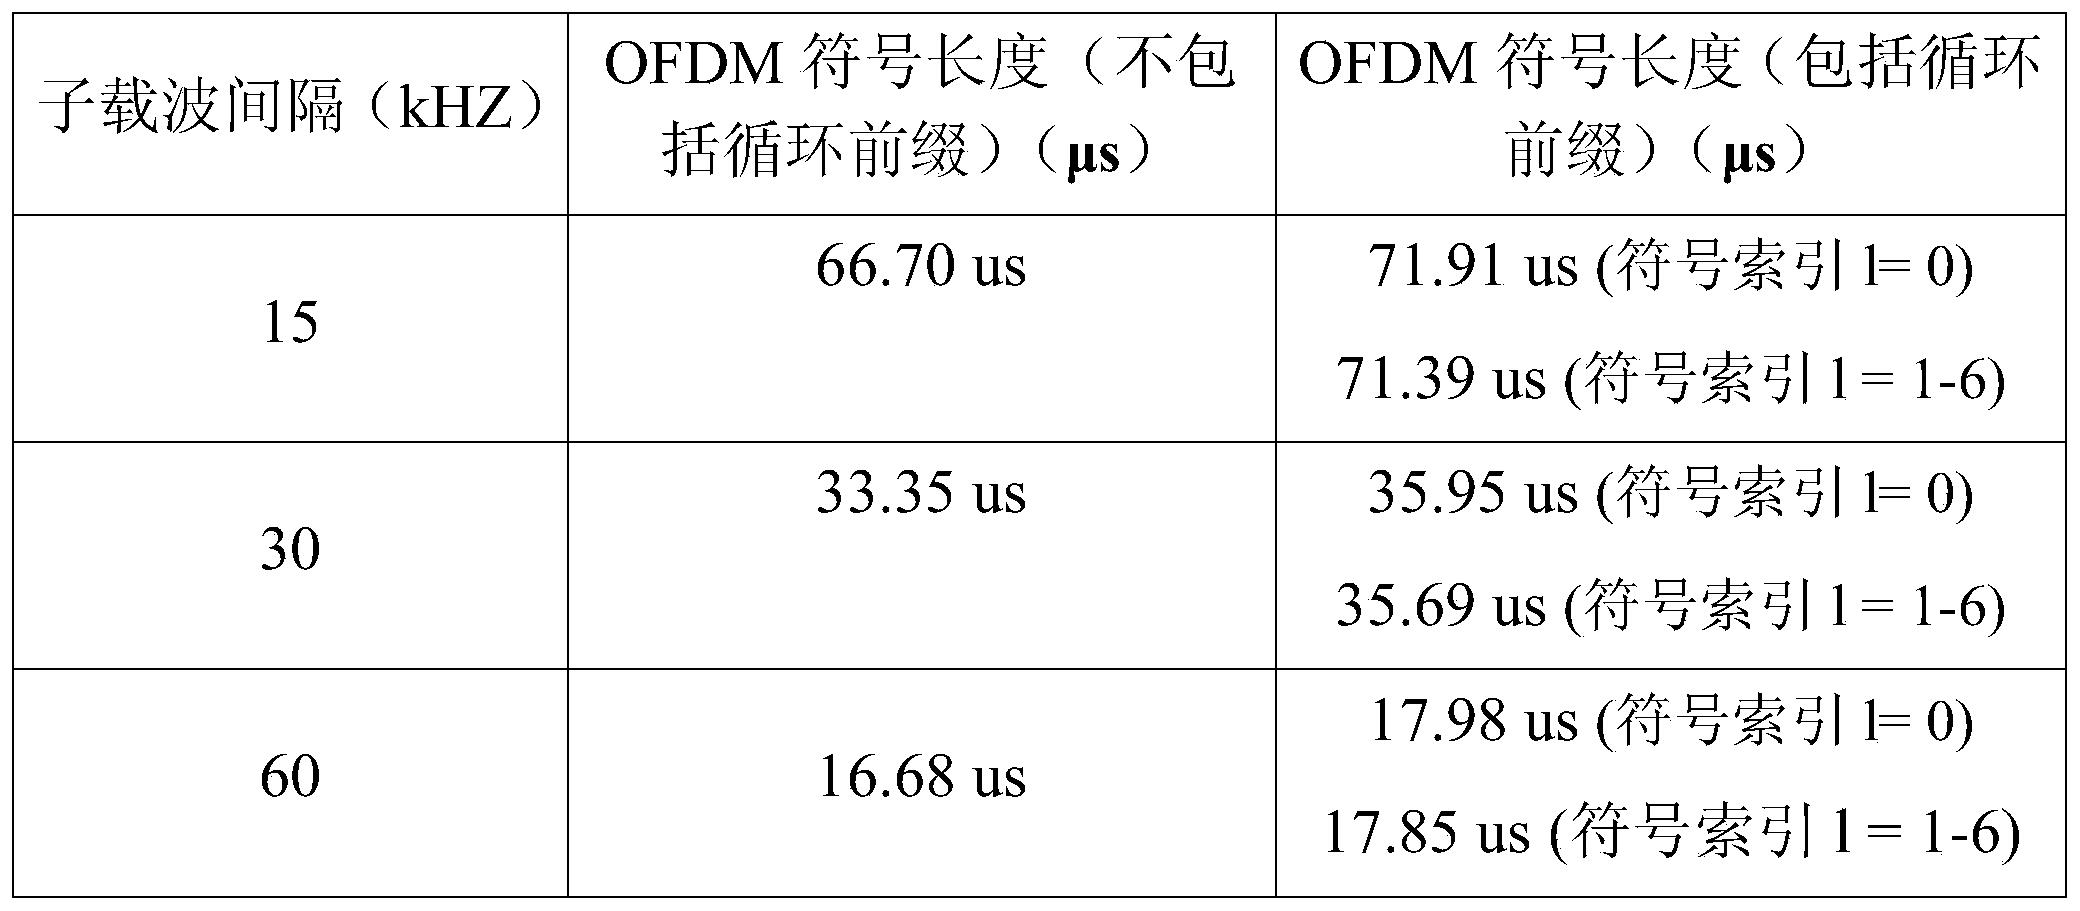 Figure PCTCN2019074665-appb-000001